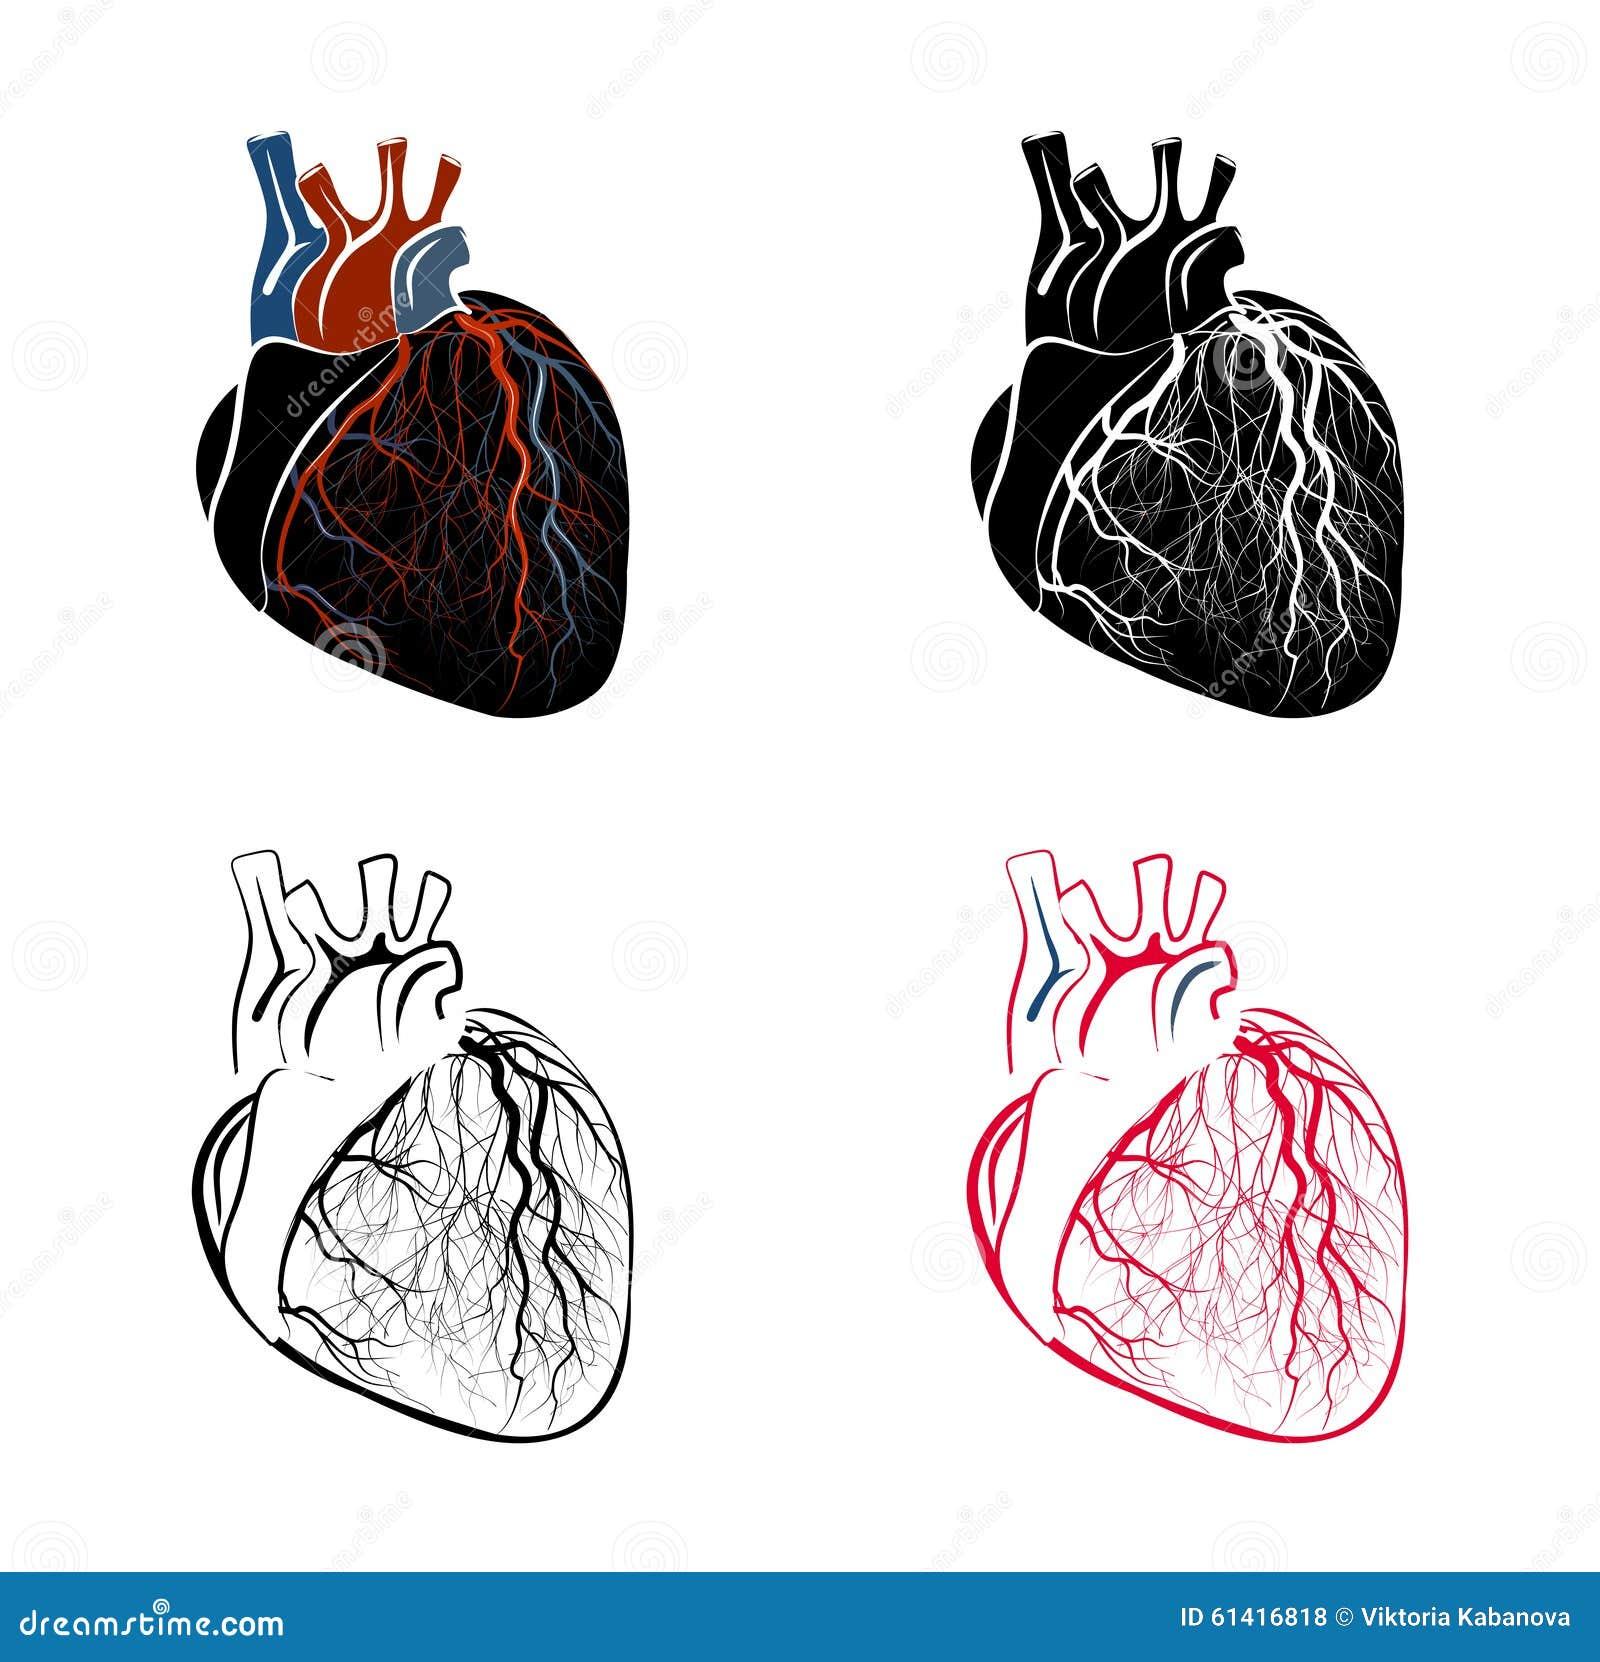 Ziemlich Schnitt Anatomie Des Herzens Ideen - Anatomie Ideen ...